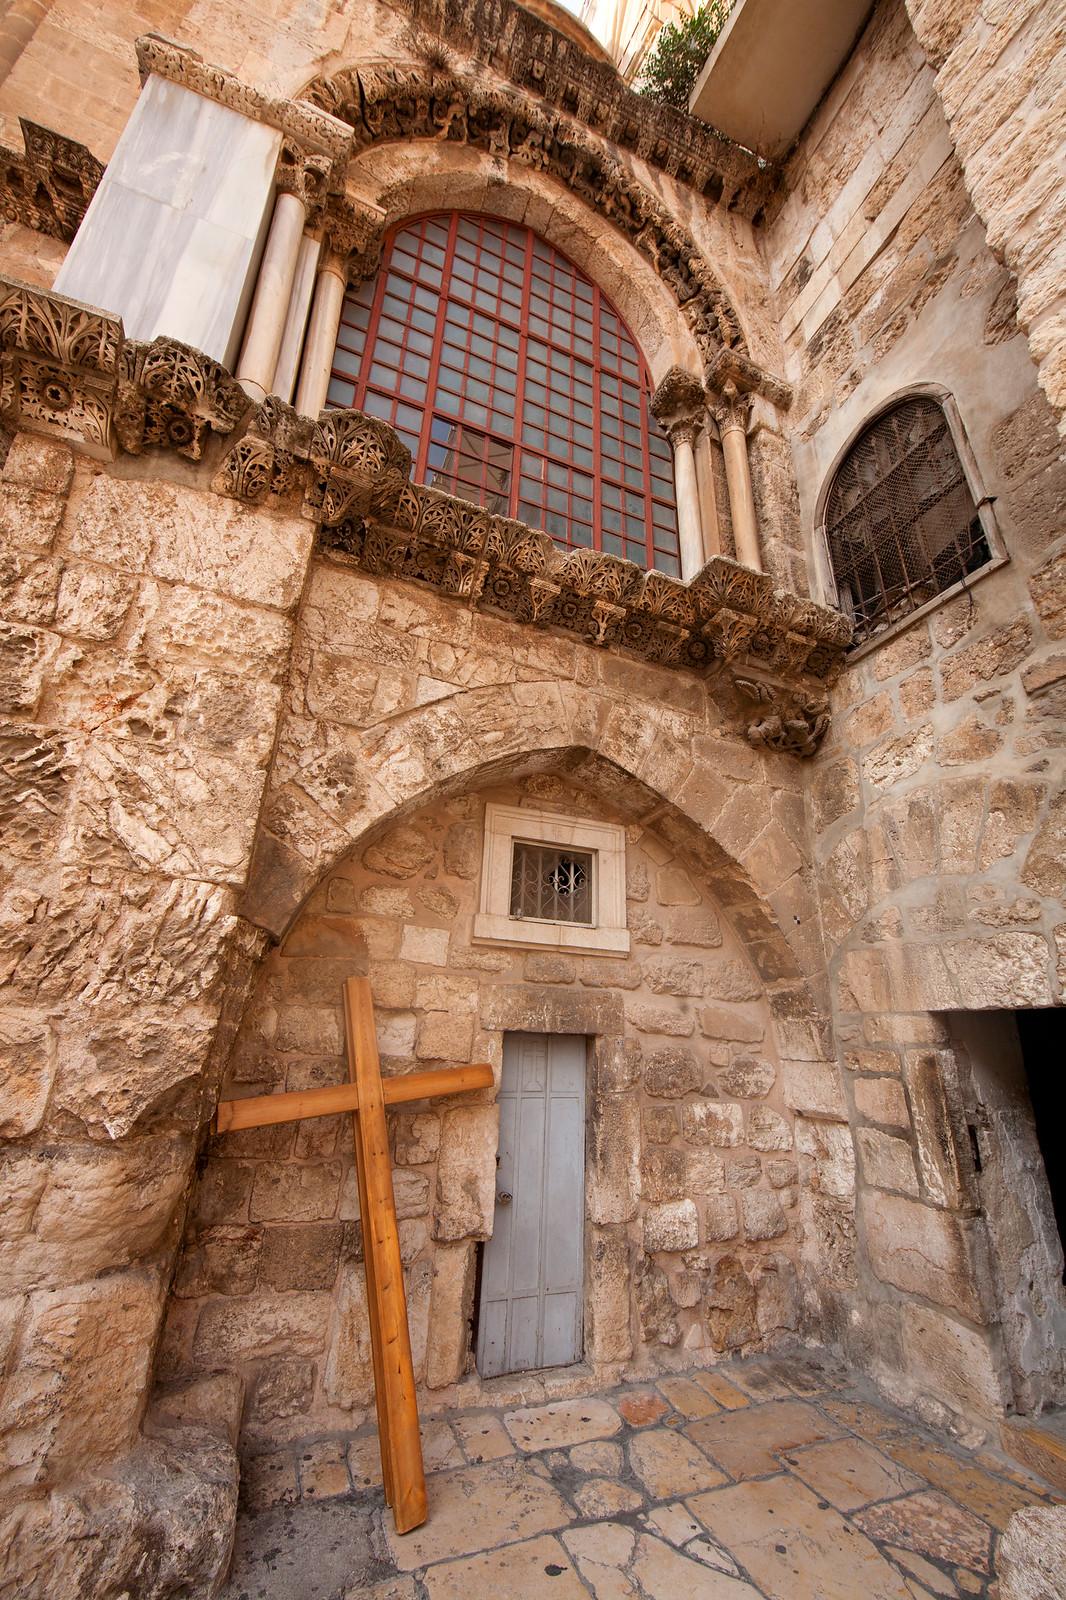 Jerusalem_Via Dolorosa_Station 10 (2)_ outside the Holy Sepulcher_Noam Chen_IMOT